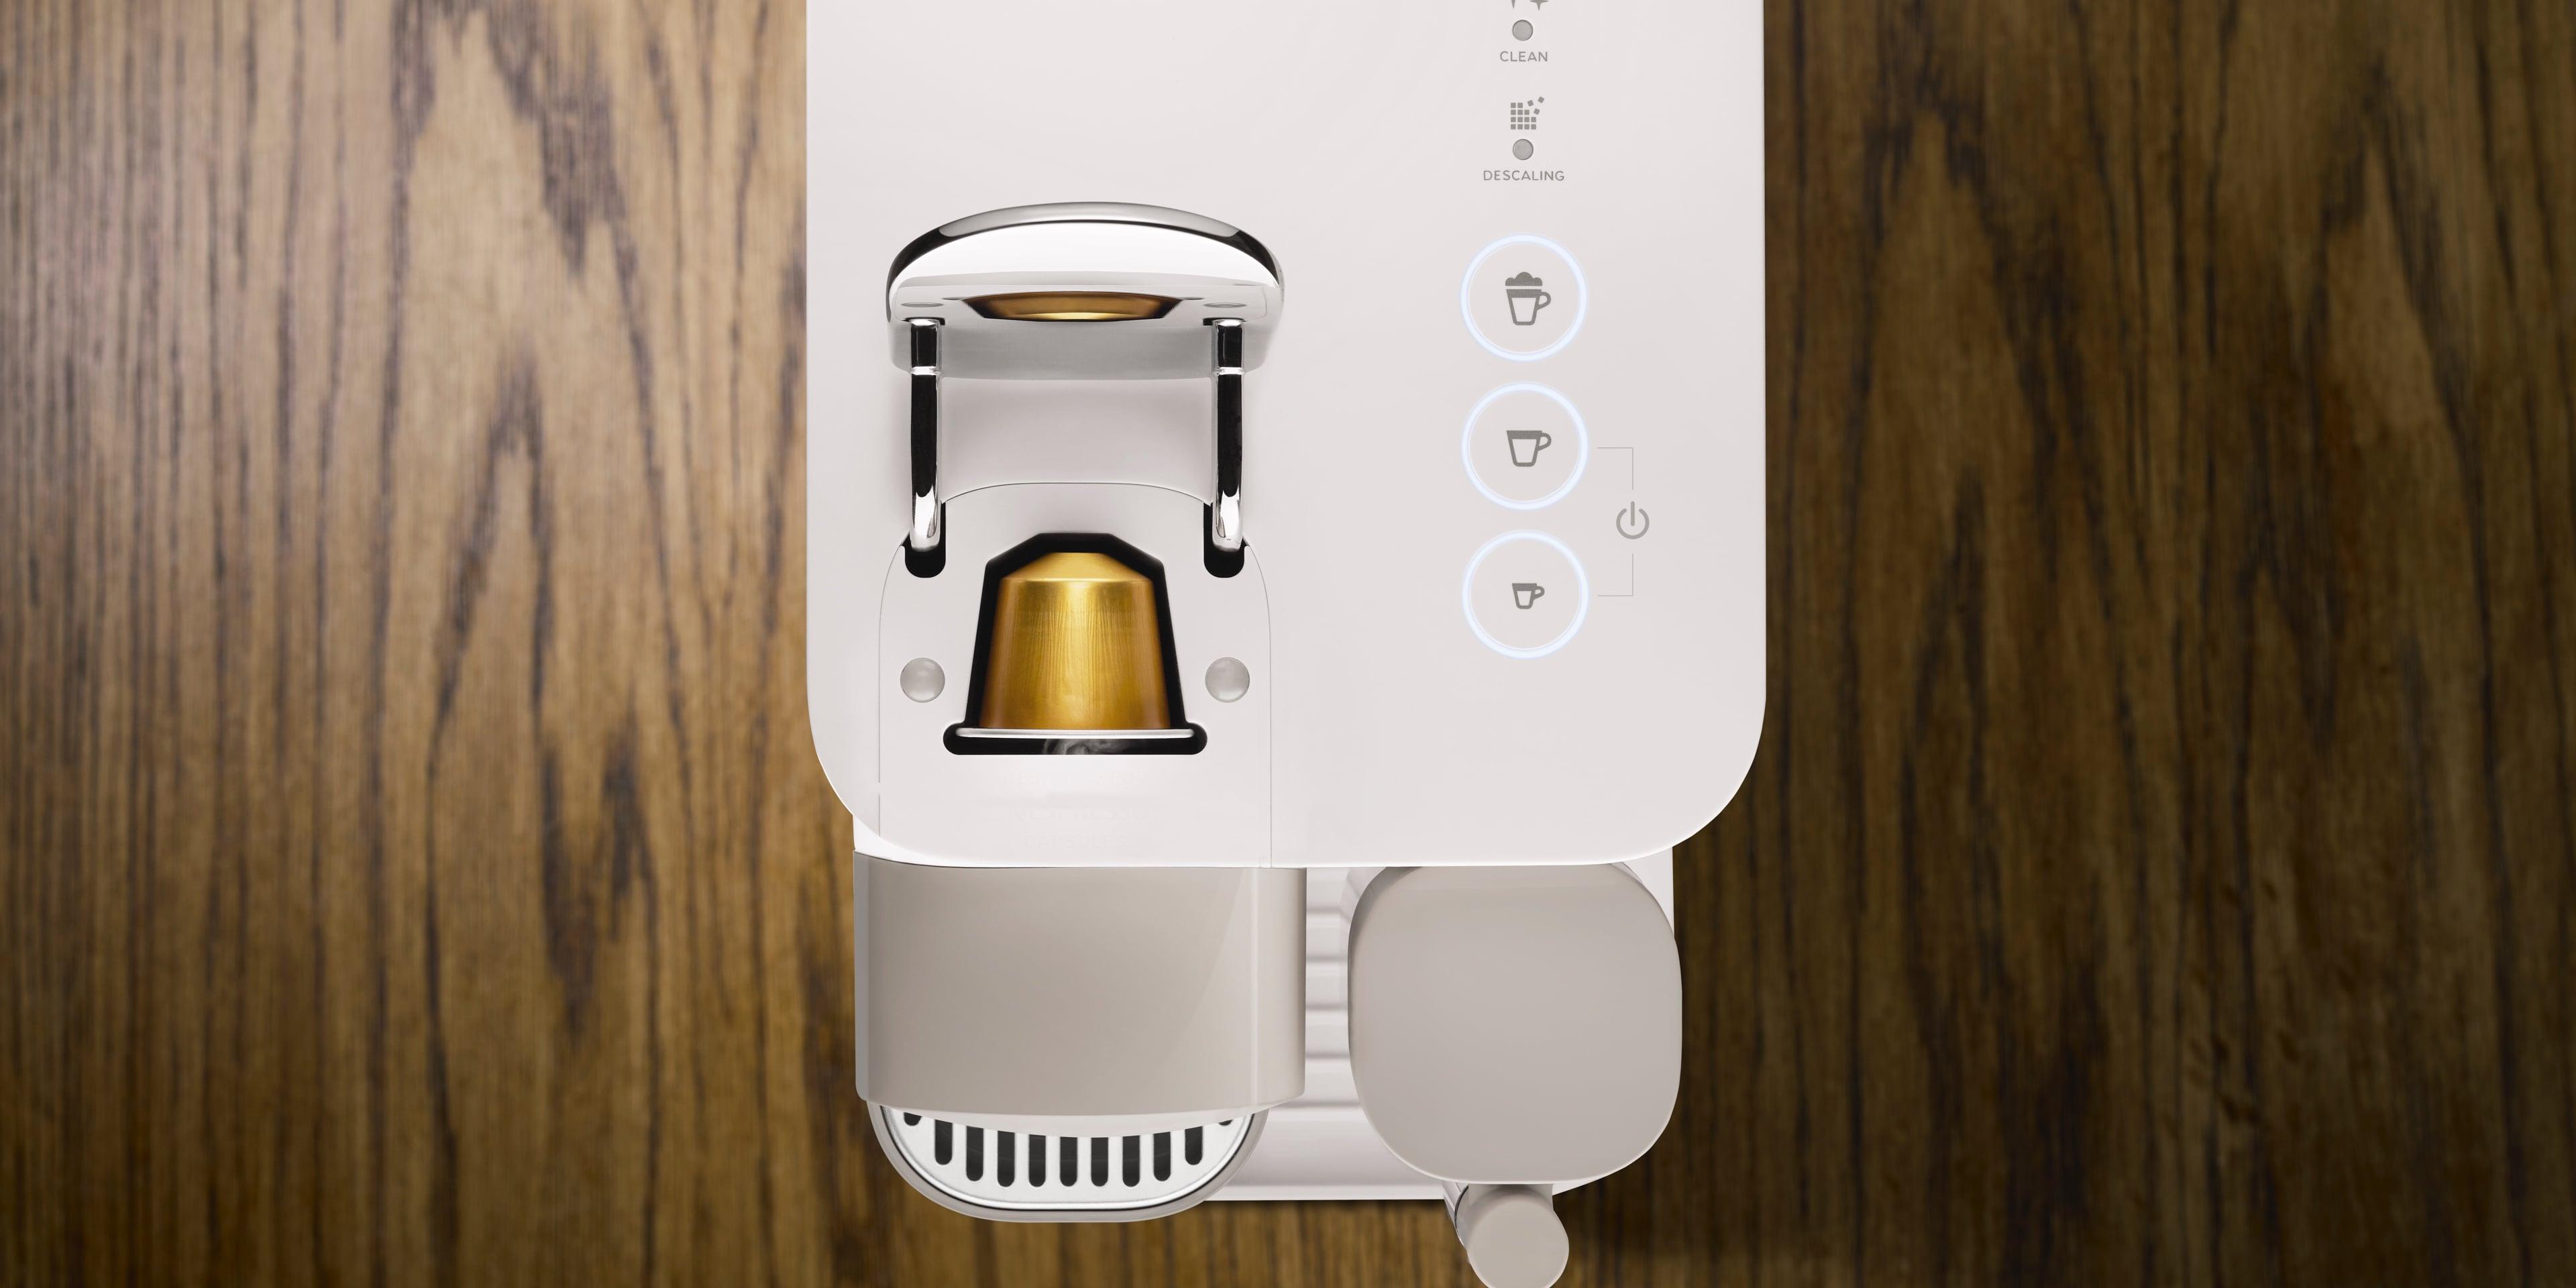 Delonghi Nespresso Lattissima One En500wca Silky White